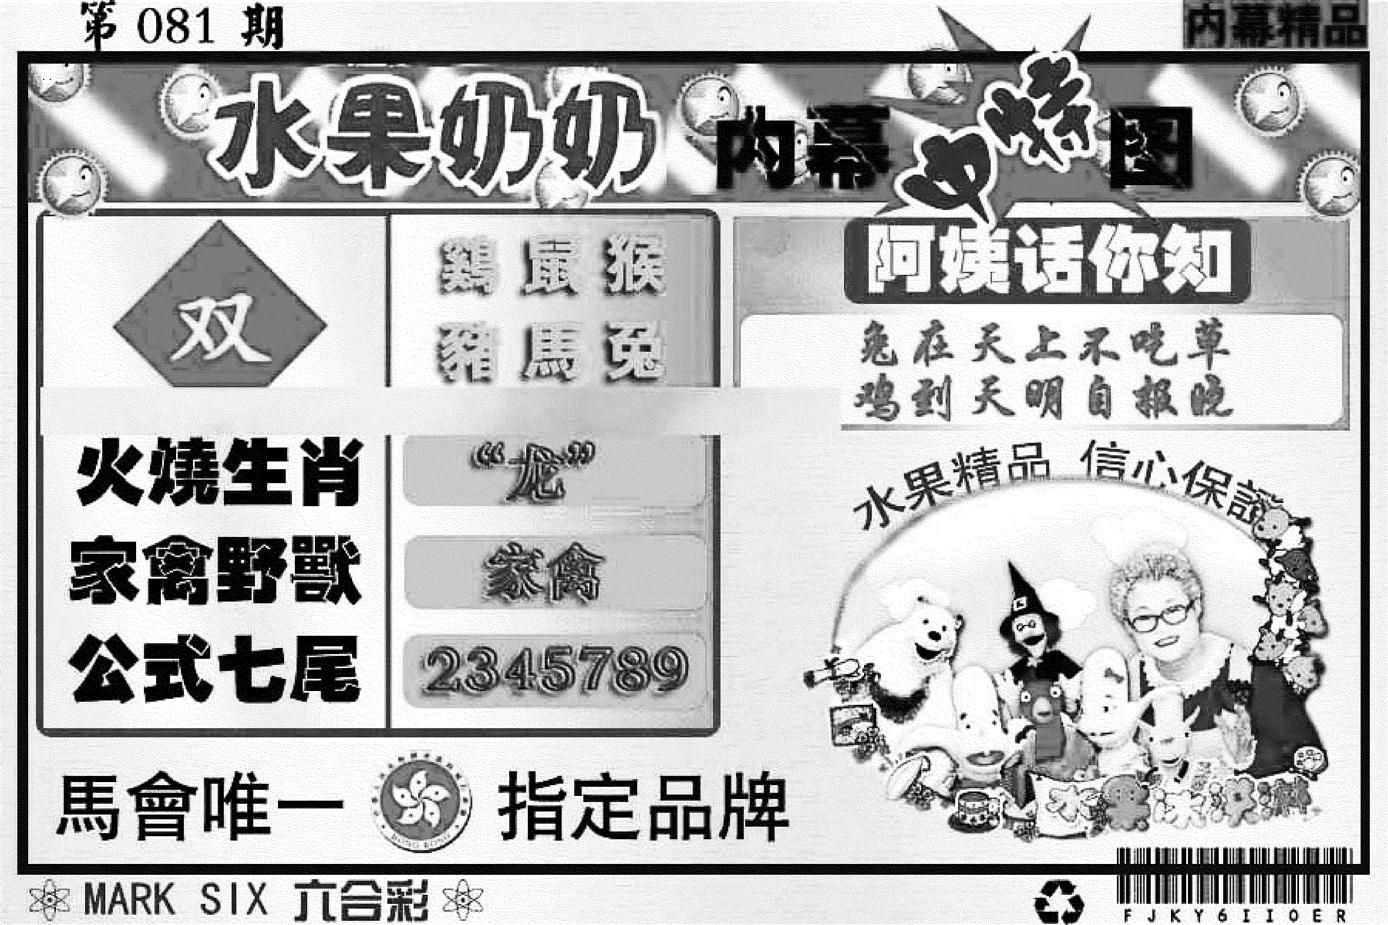 081期水果奶奶内幕(黑白)